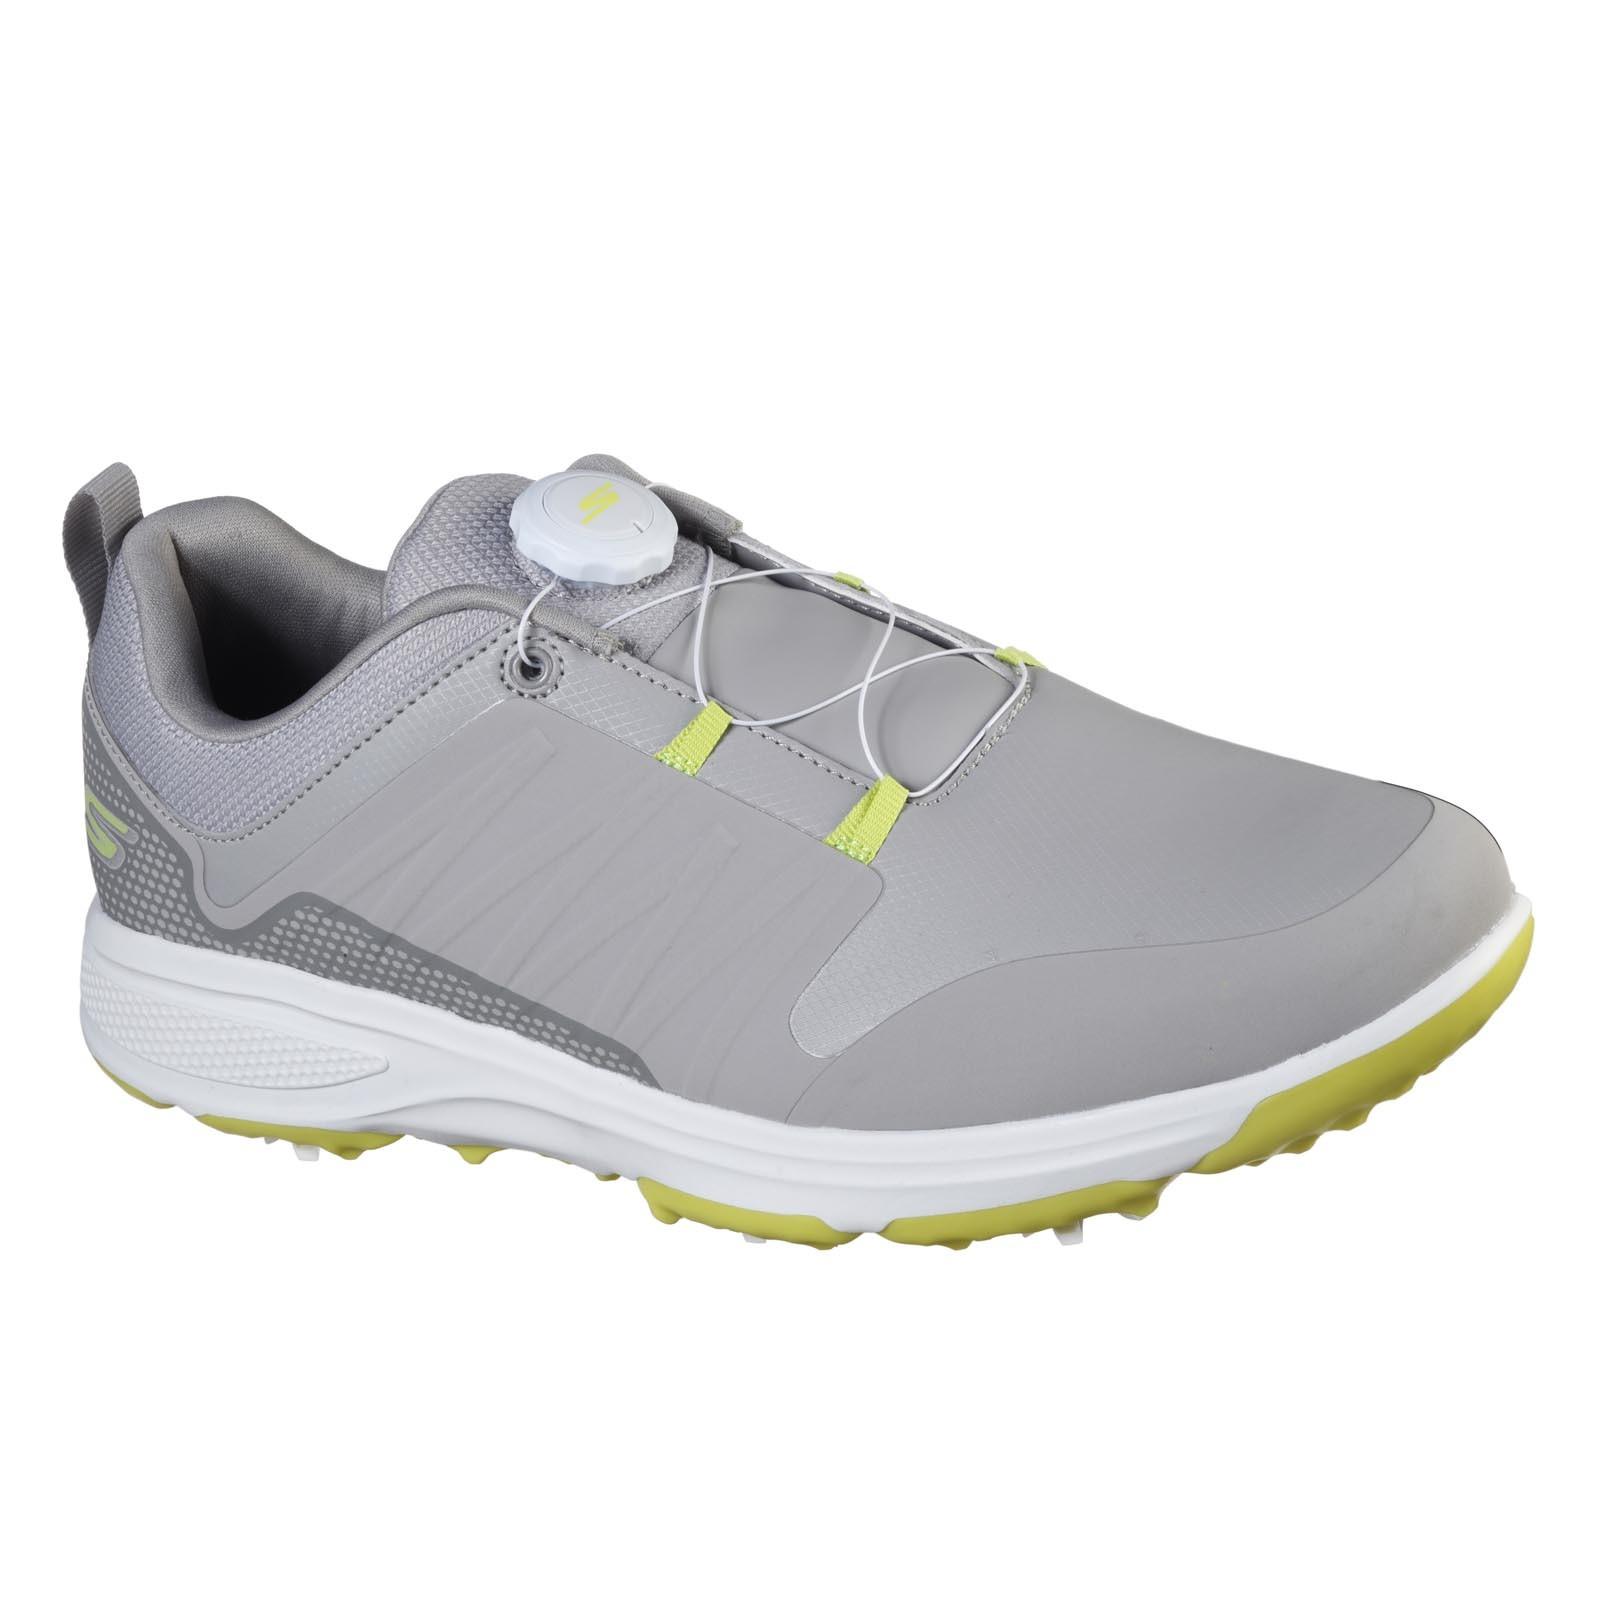 Skechers Torque Twist Golf Shoes